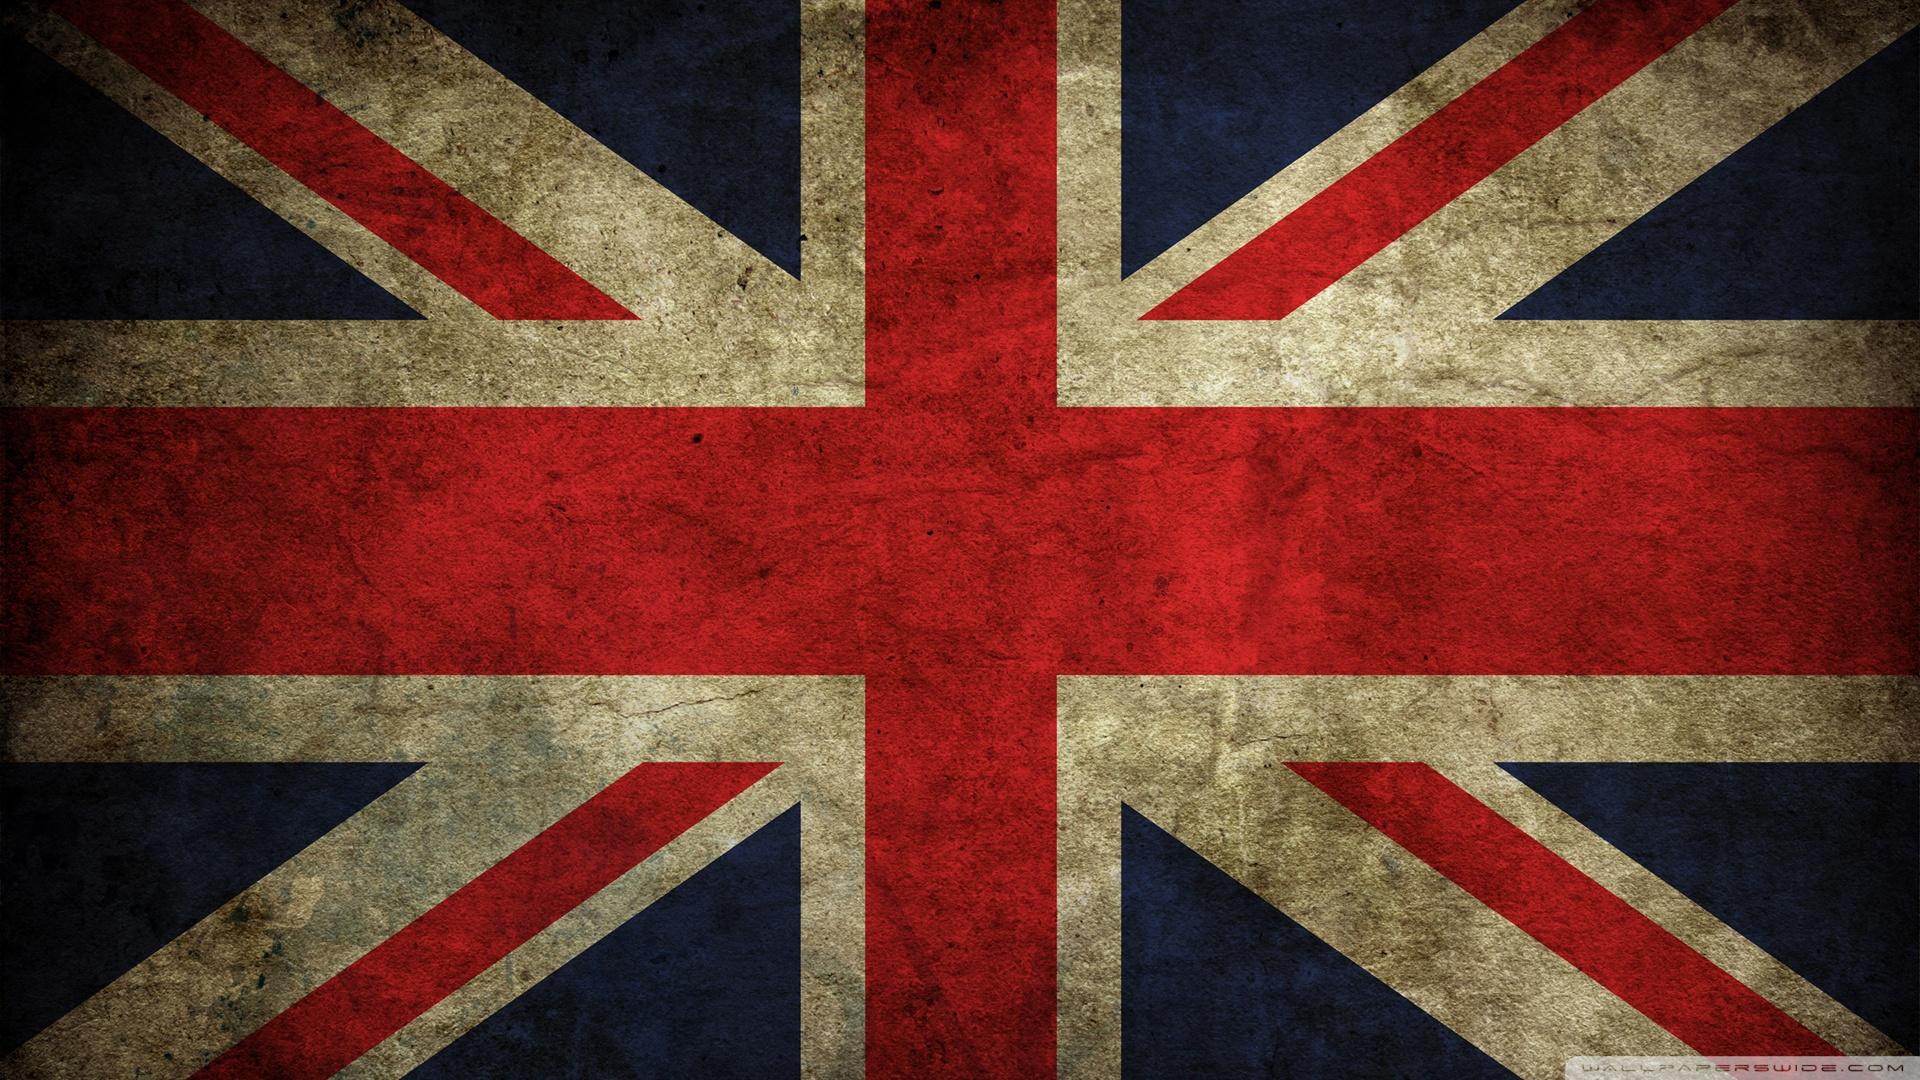 Patriotic_Brit